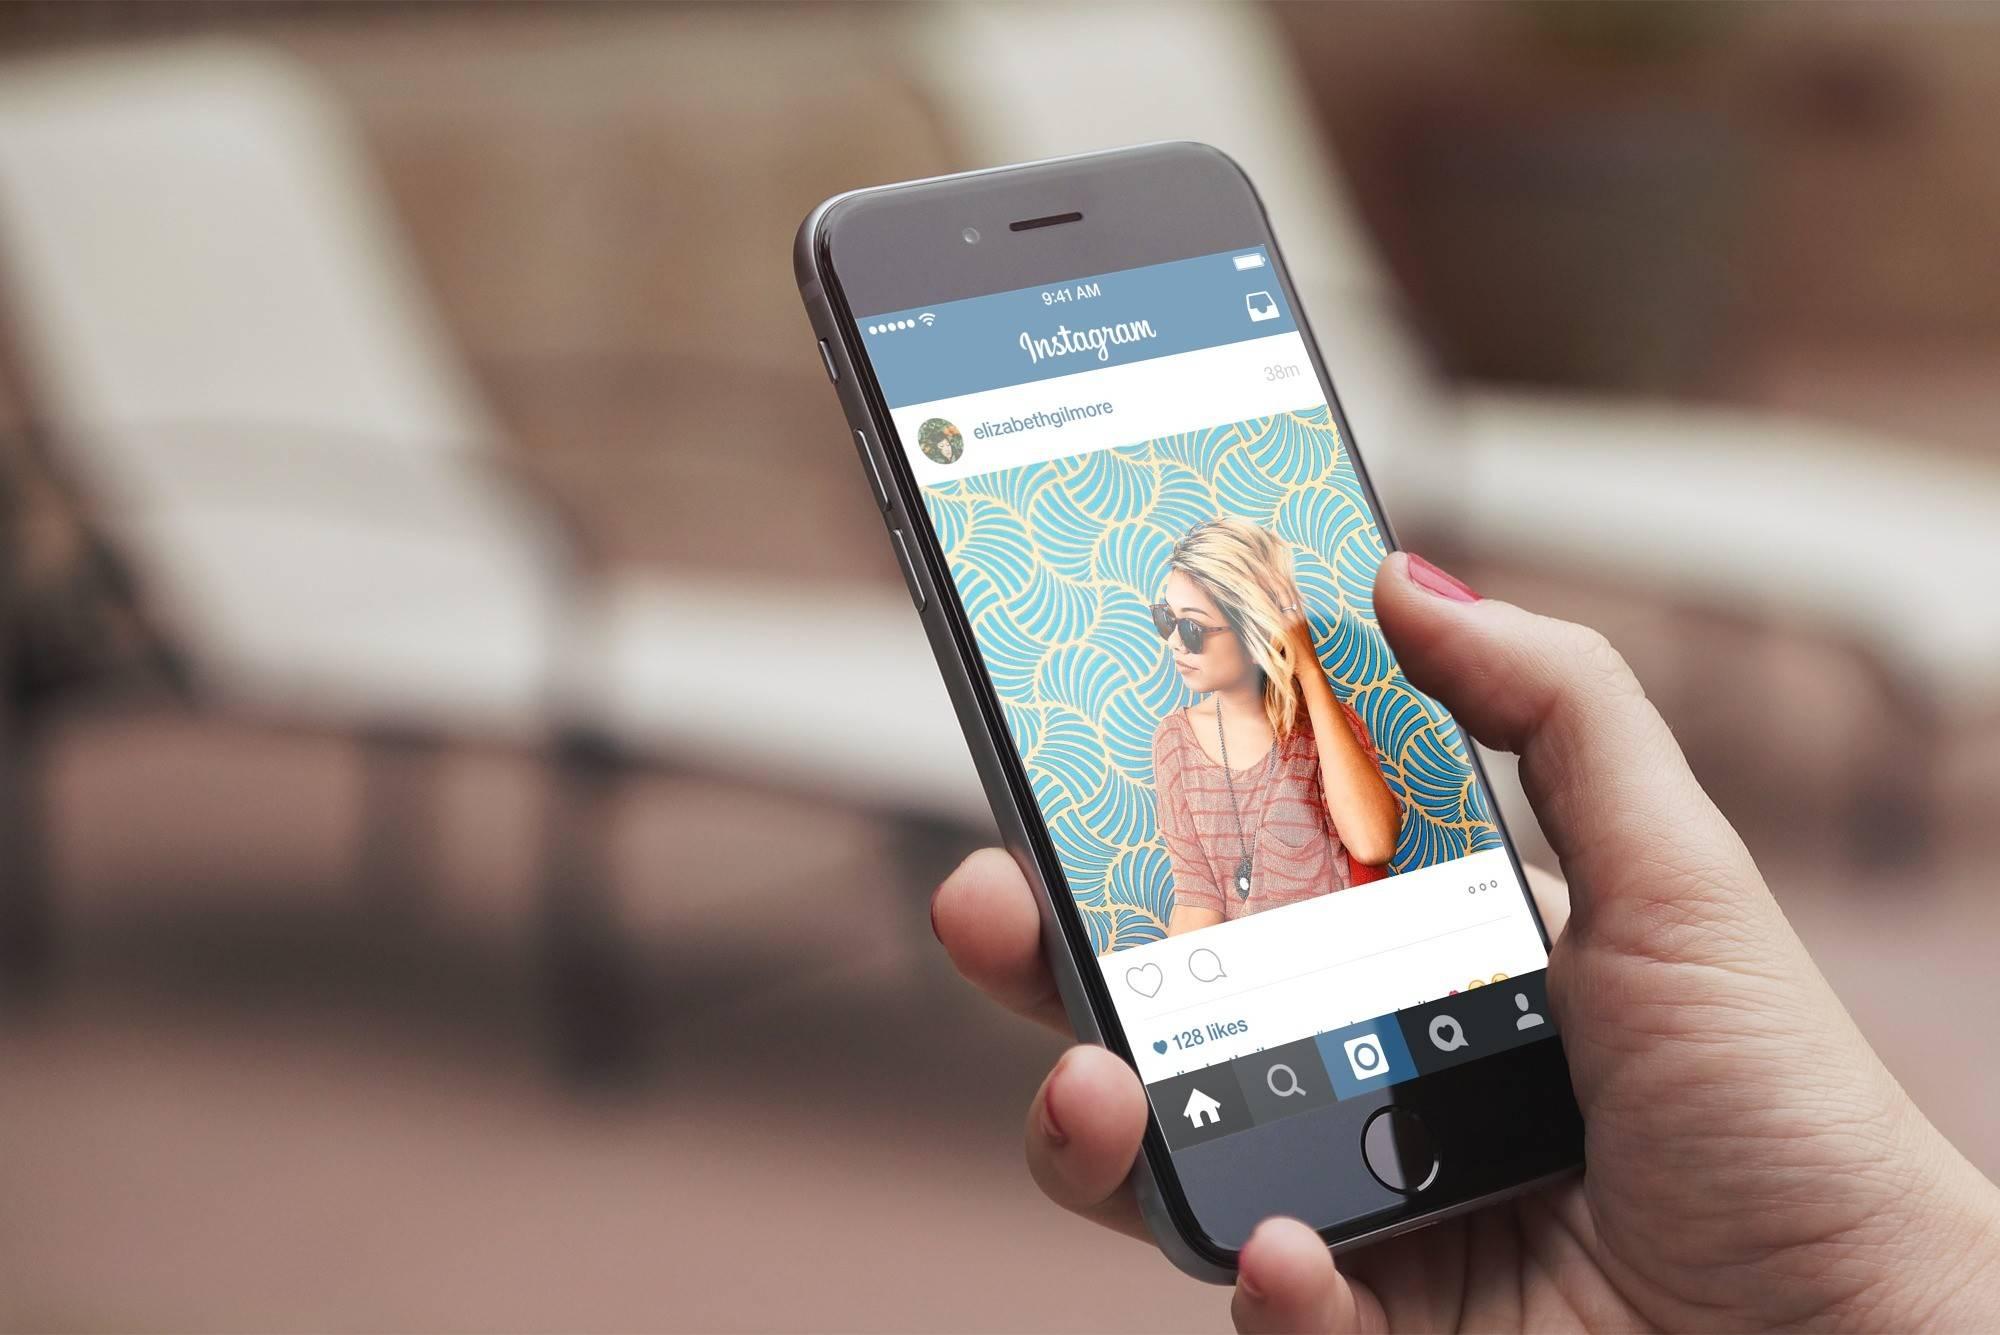 Картинки по запросу инстаграм в руке